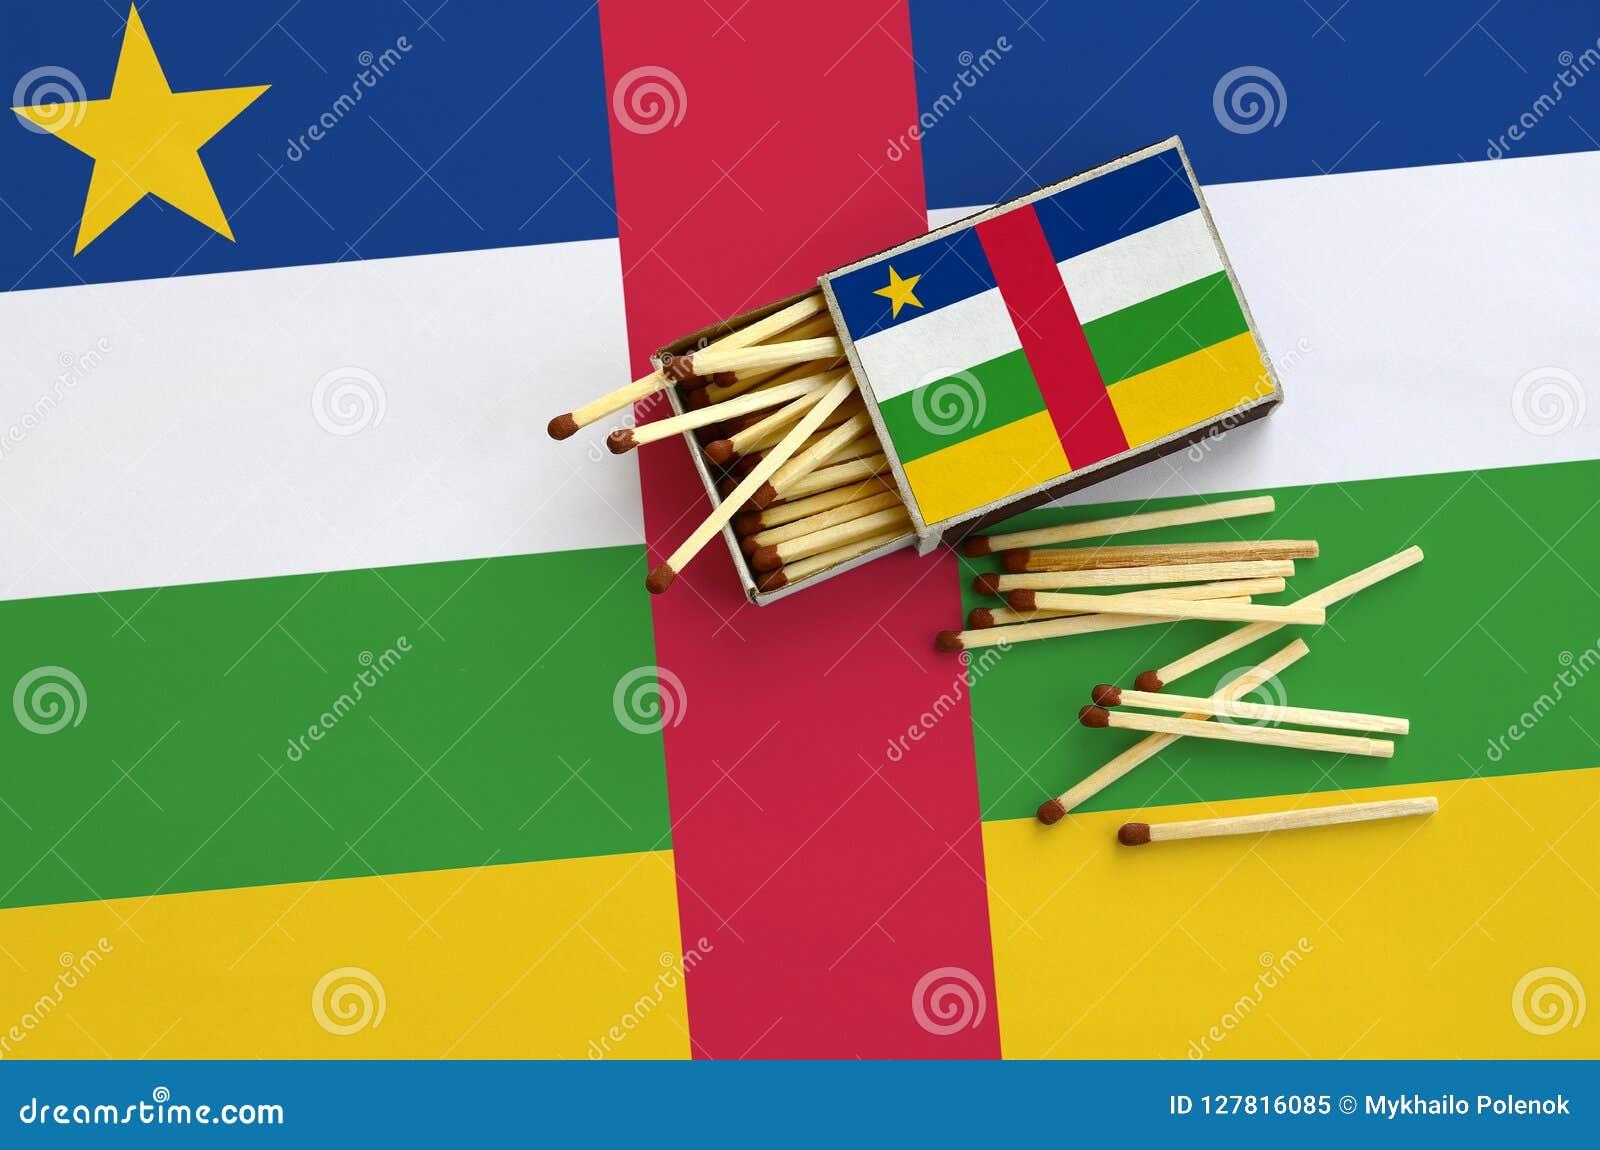 Флаг Центральноафриканской Республики показан на открытом matchbox, от которого несколько спичек падают и лож на большом флаге